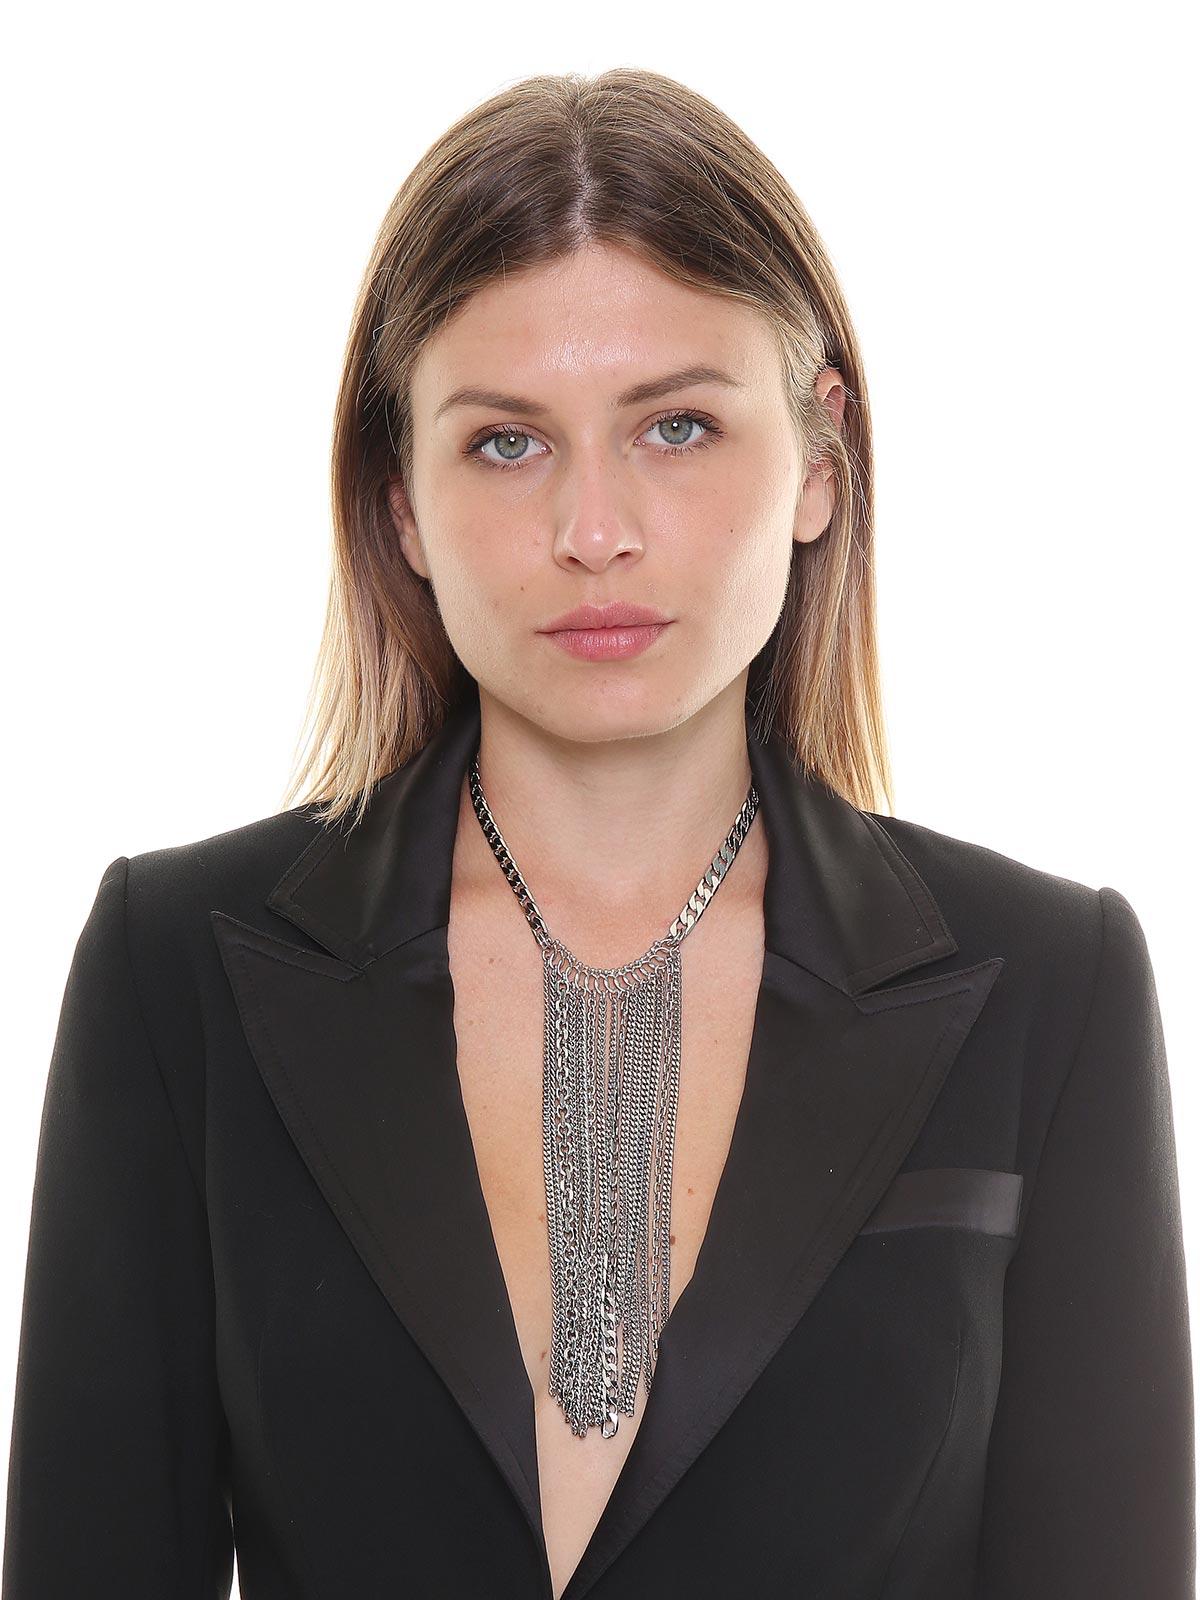 Collana in ottone decorata con catene a cascata